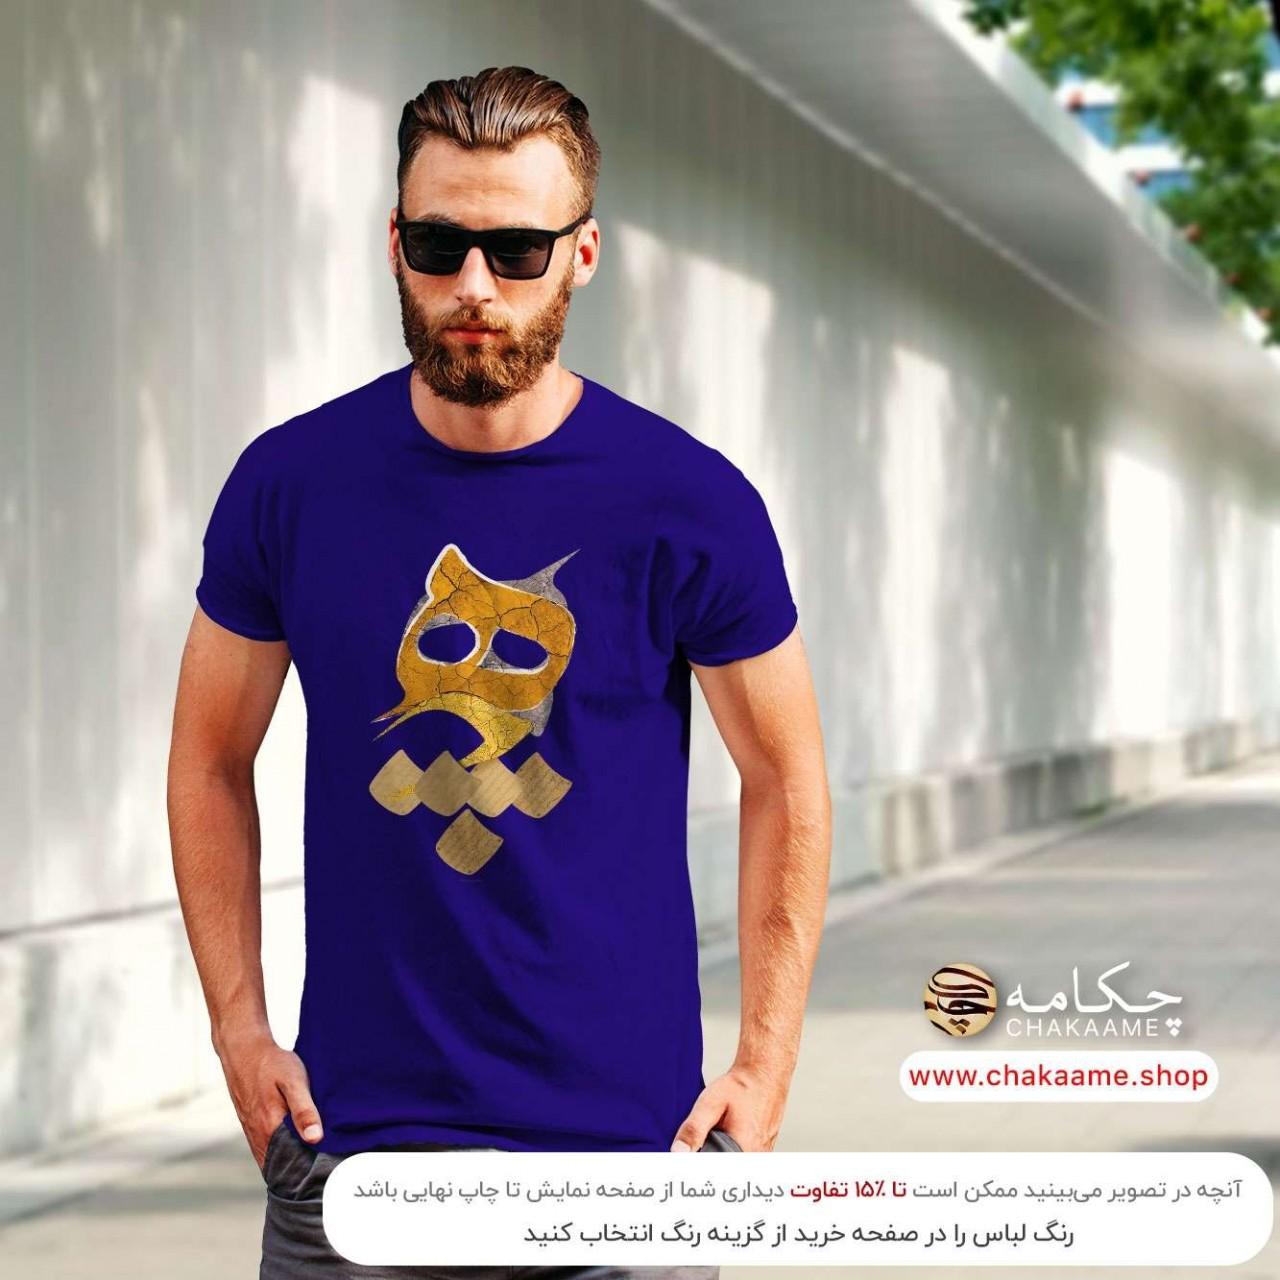 تی شرت طرح هیچ 99 - طلایی